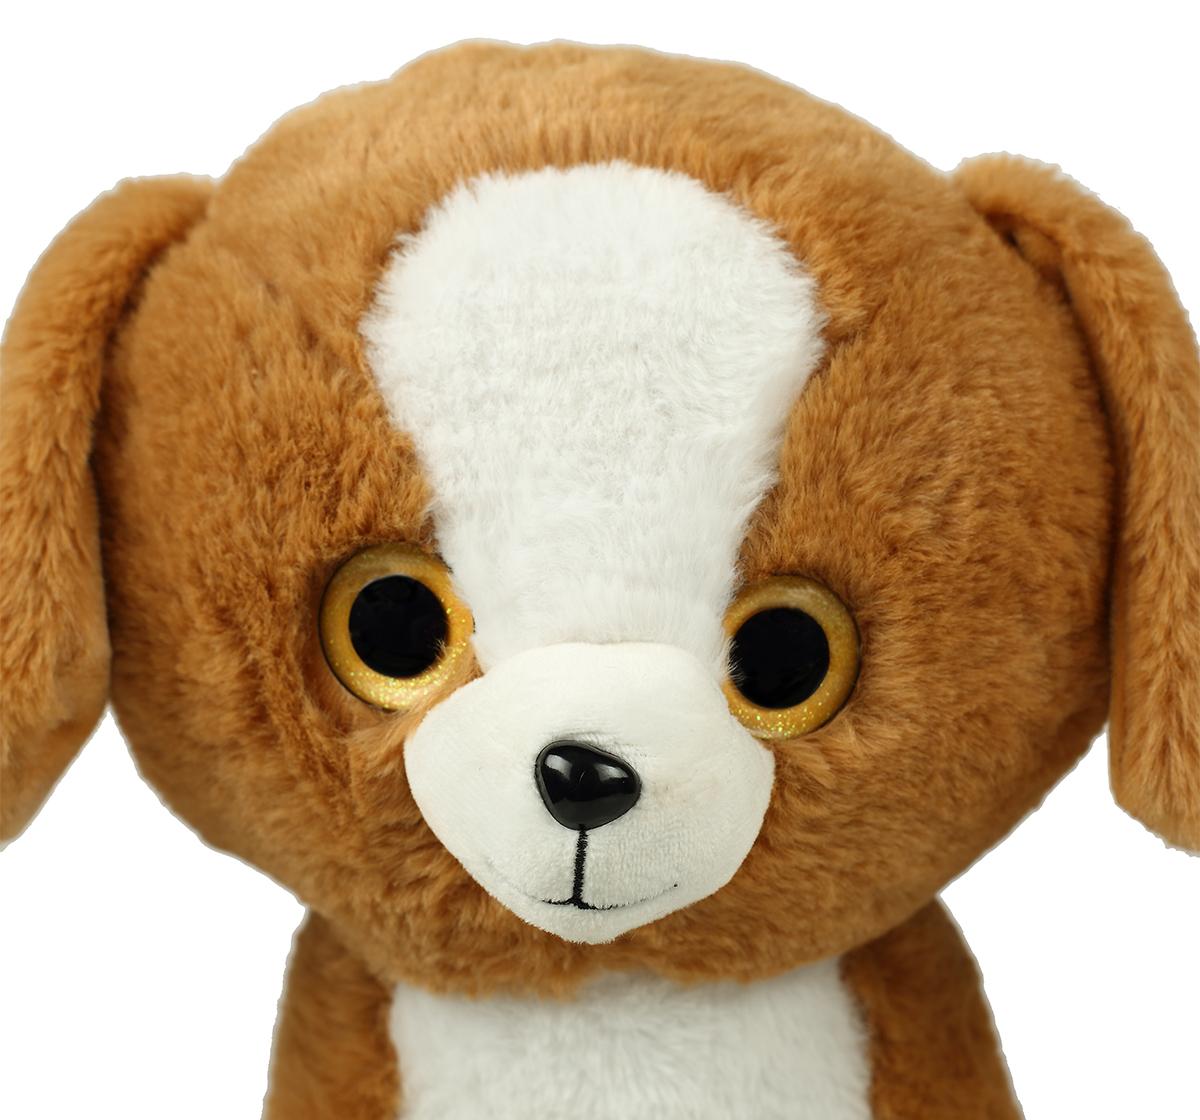 Soft Buddies | Soft Buddies Big Eyes Dog 30Cm, Unisex, 9M+ (Multicolor)